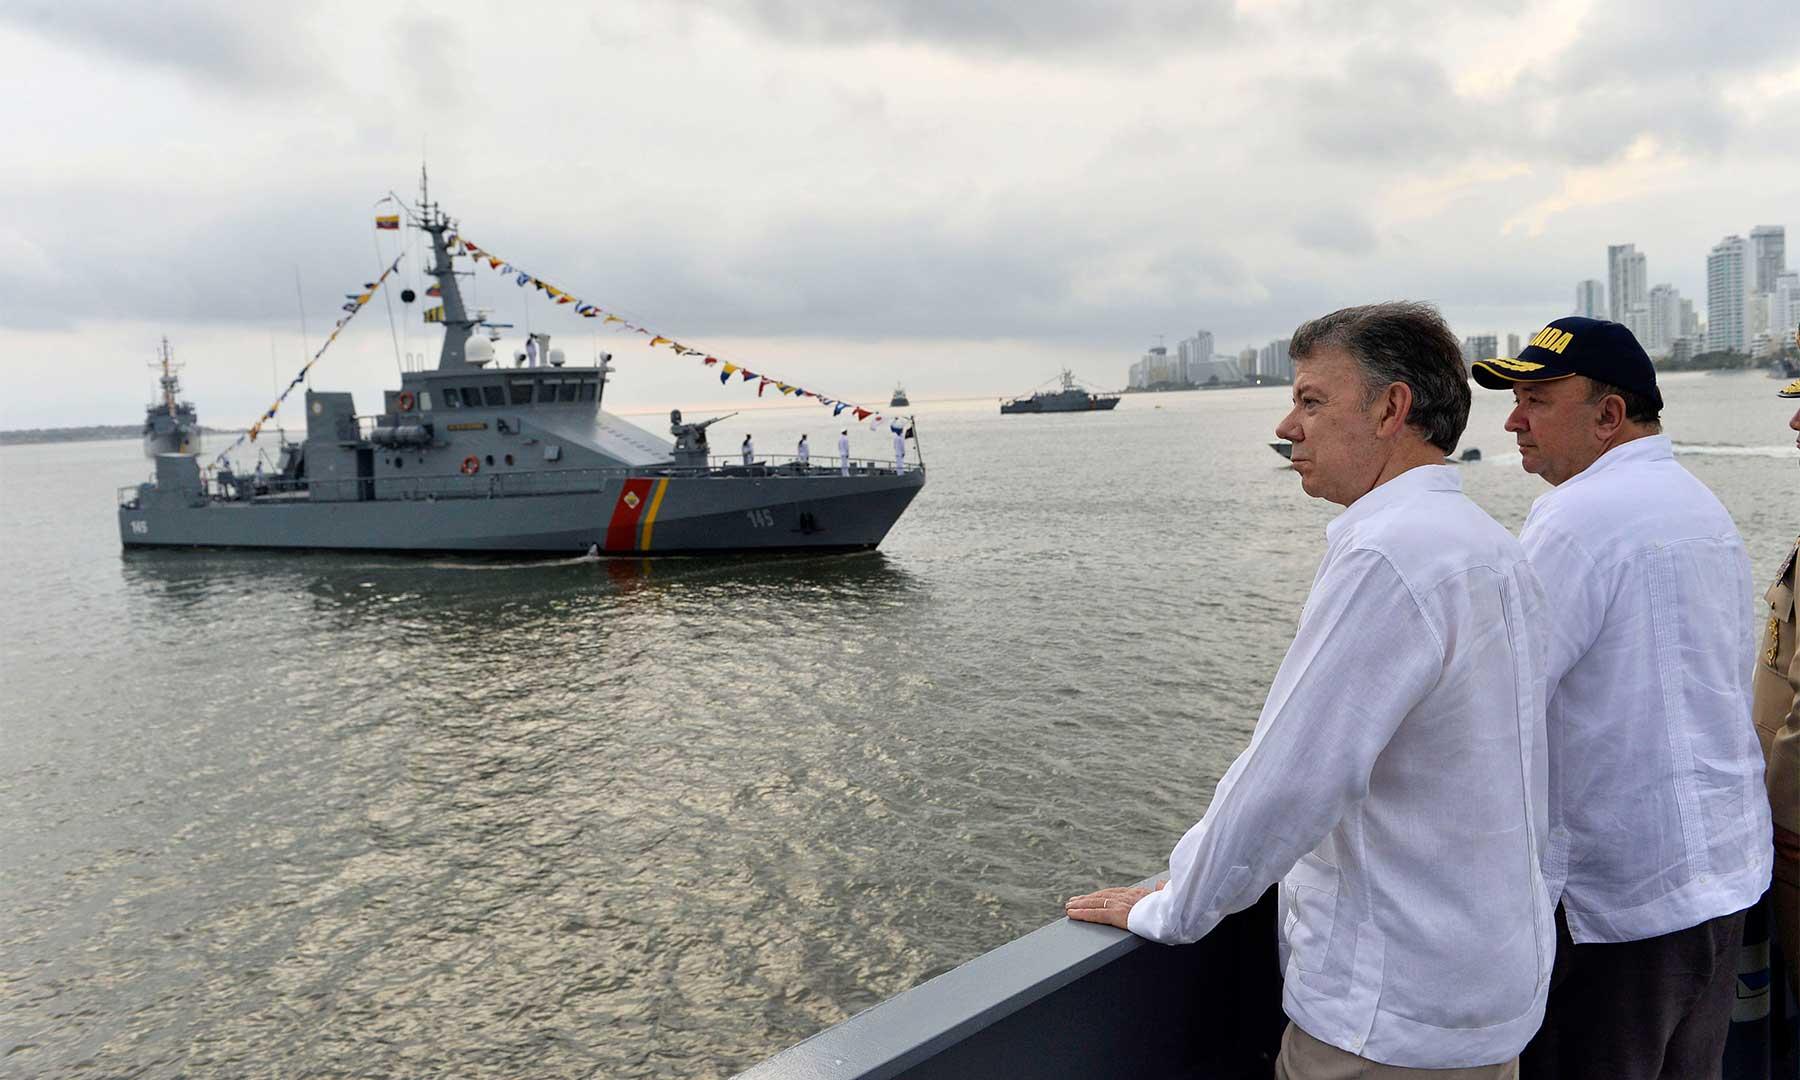 El Presidente Santos y el Ministro de Defensa Nacional, Luis Carlos Villegas contemplan la revista naval con motivo del 193 aniversario del Día de la Batalla Naval del Lago de Maracaibo.